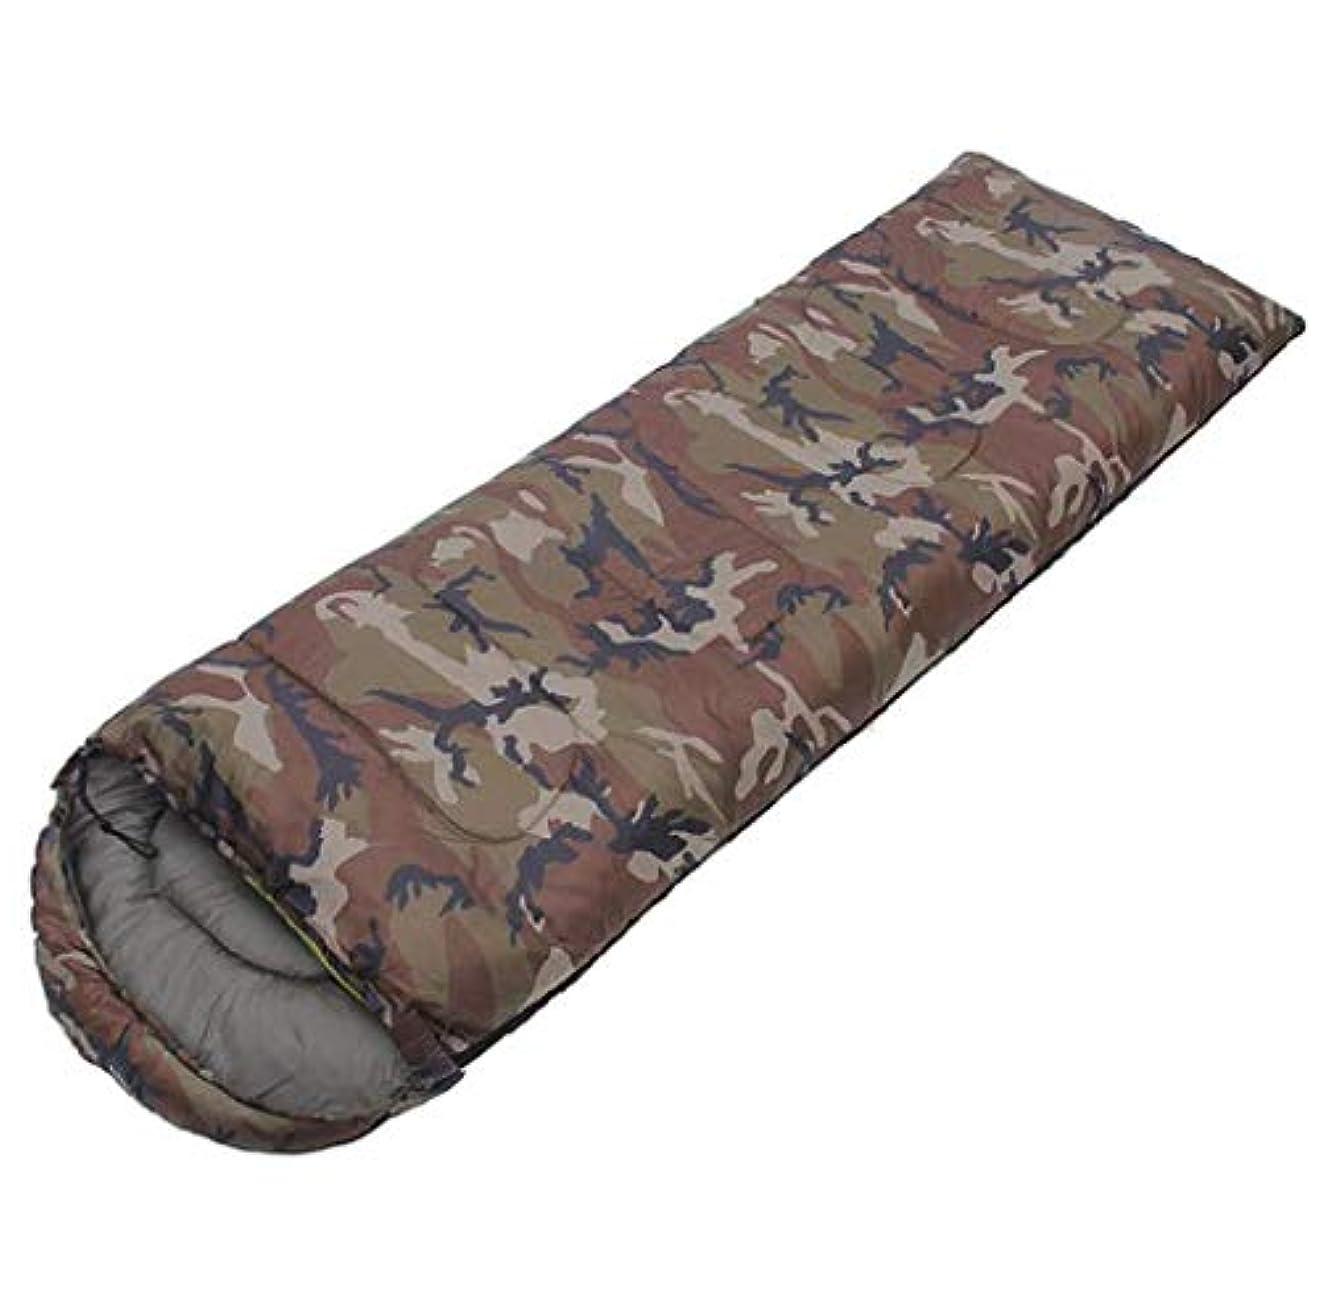 伝染性自宅でマリンCATRP 封筒フード付き大人の寝袋軽量通気性アウトドアレジャーキャンプの休憩ハイキングキャンプ3-4シーズン迷彩寝袋 (サイズ さいず : 1.2KG)